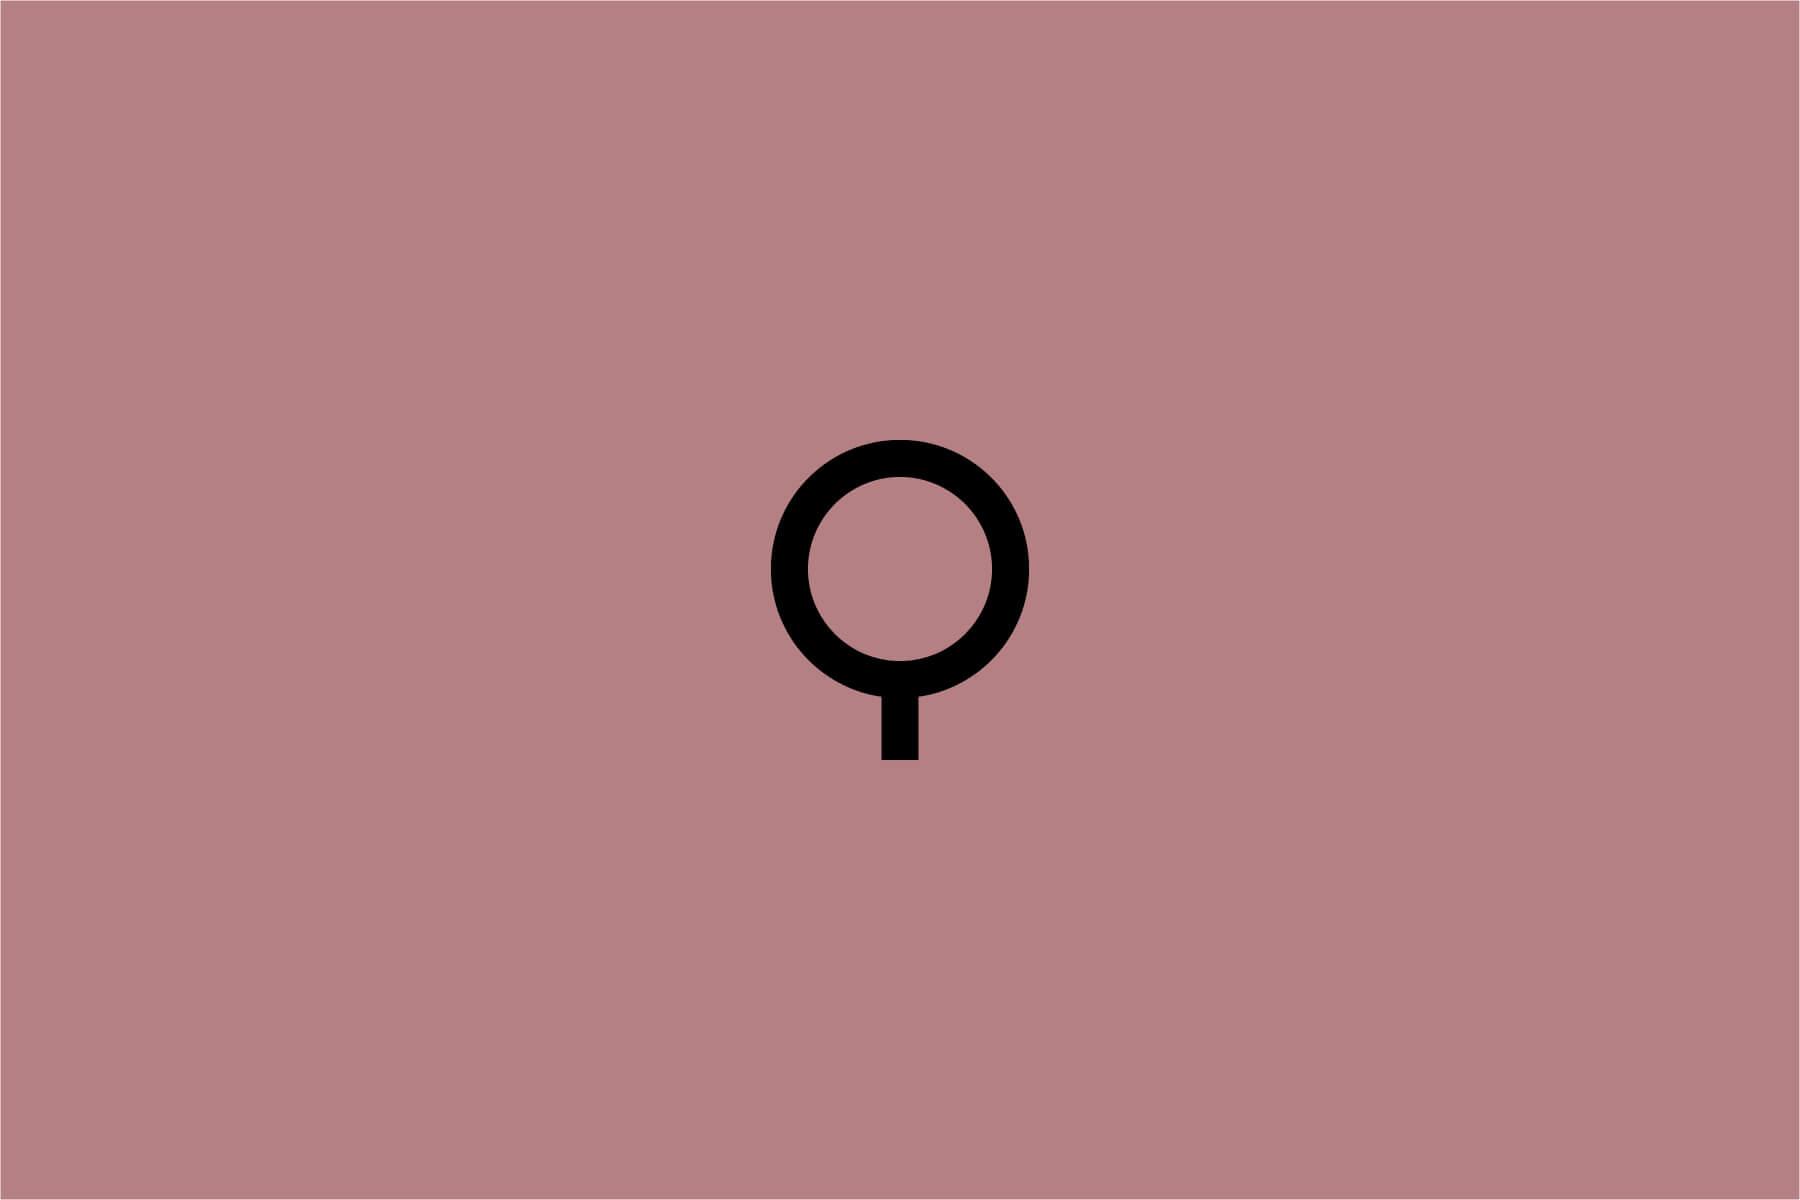 grafikdesign-janis-weidner-lindau-bodensee-identity-oliver-01